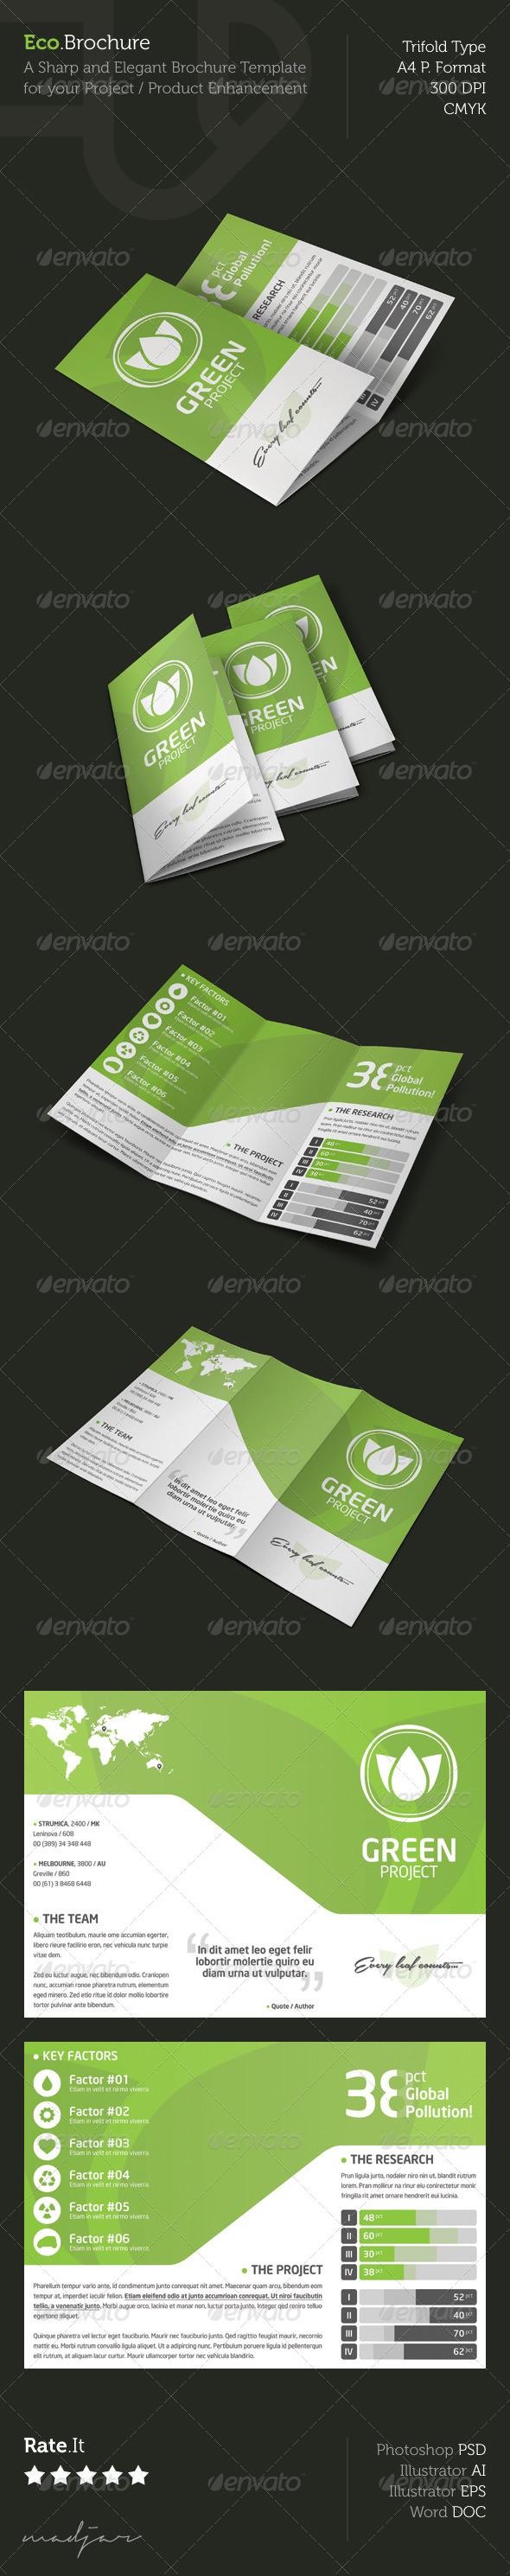 GraphicRiver Eco Trifold Brochure 5219478